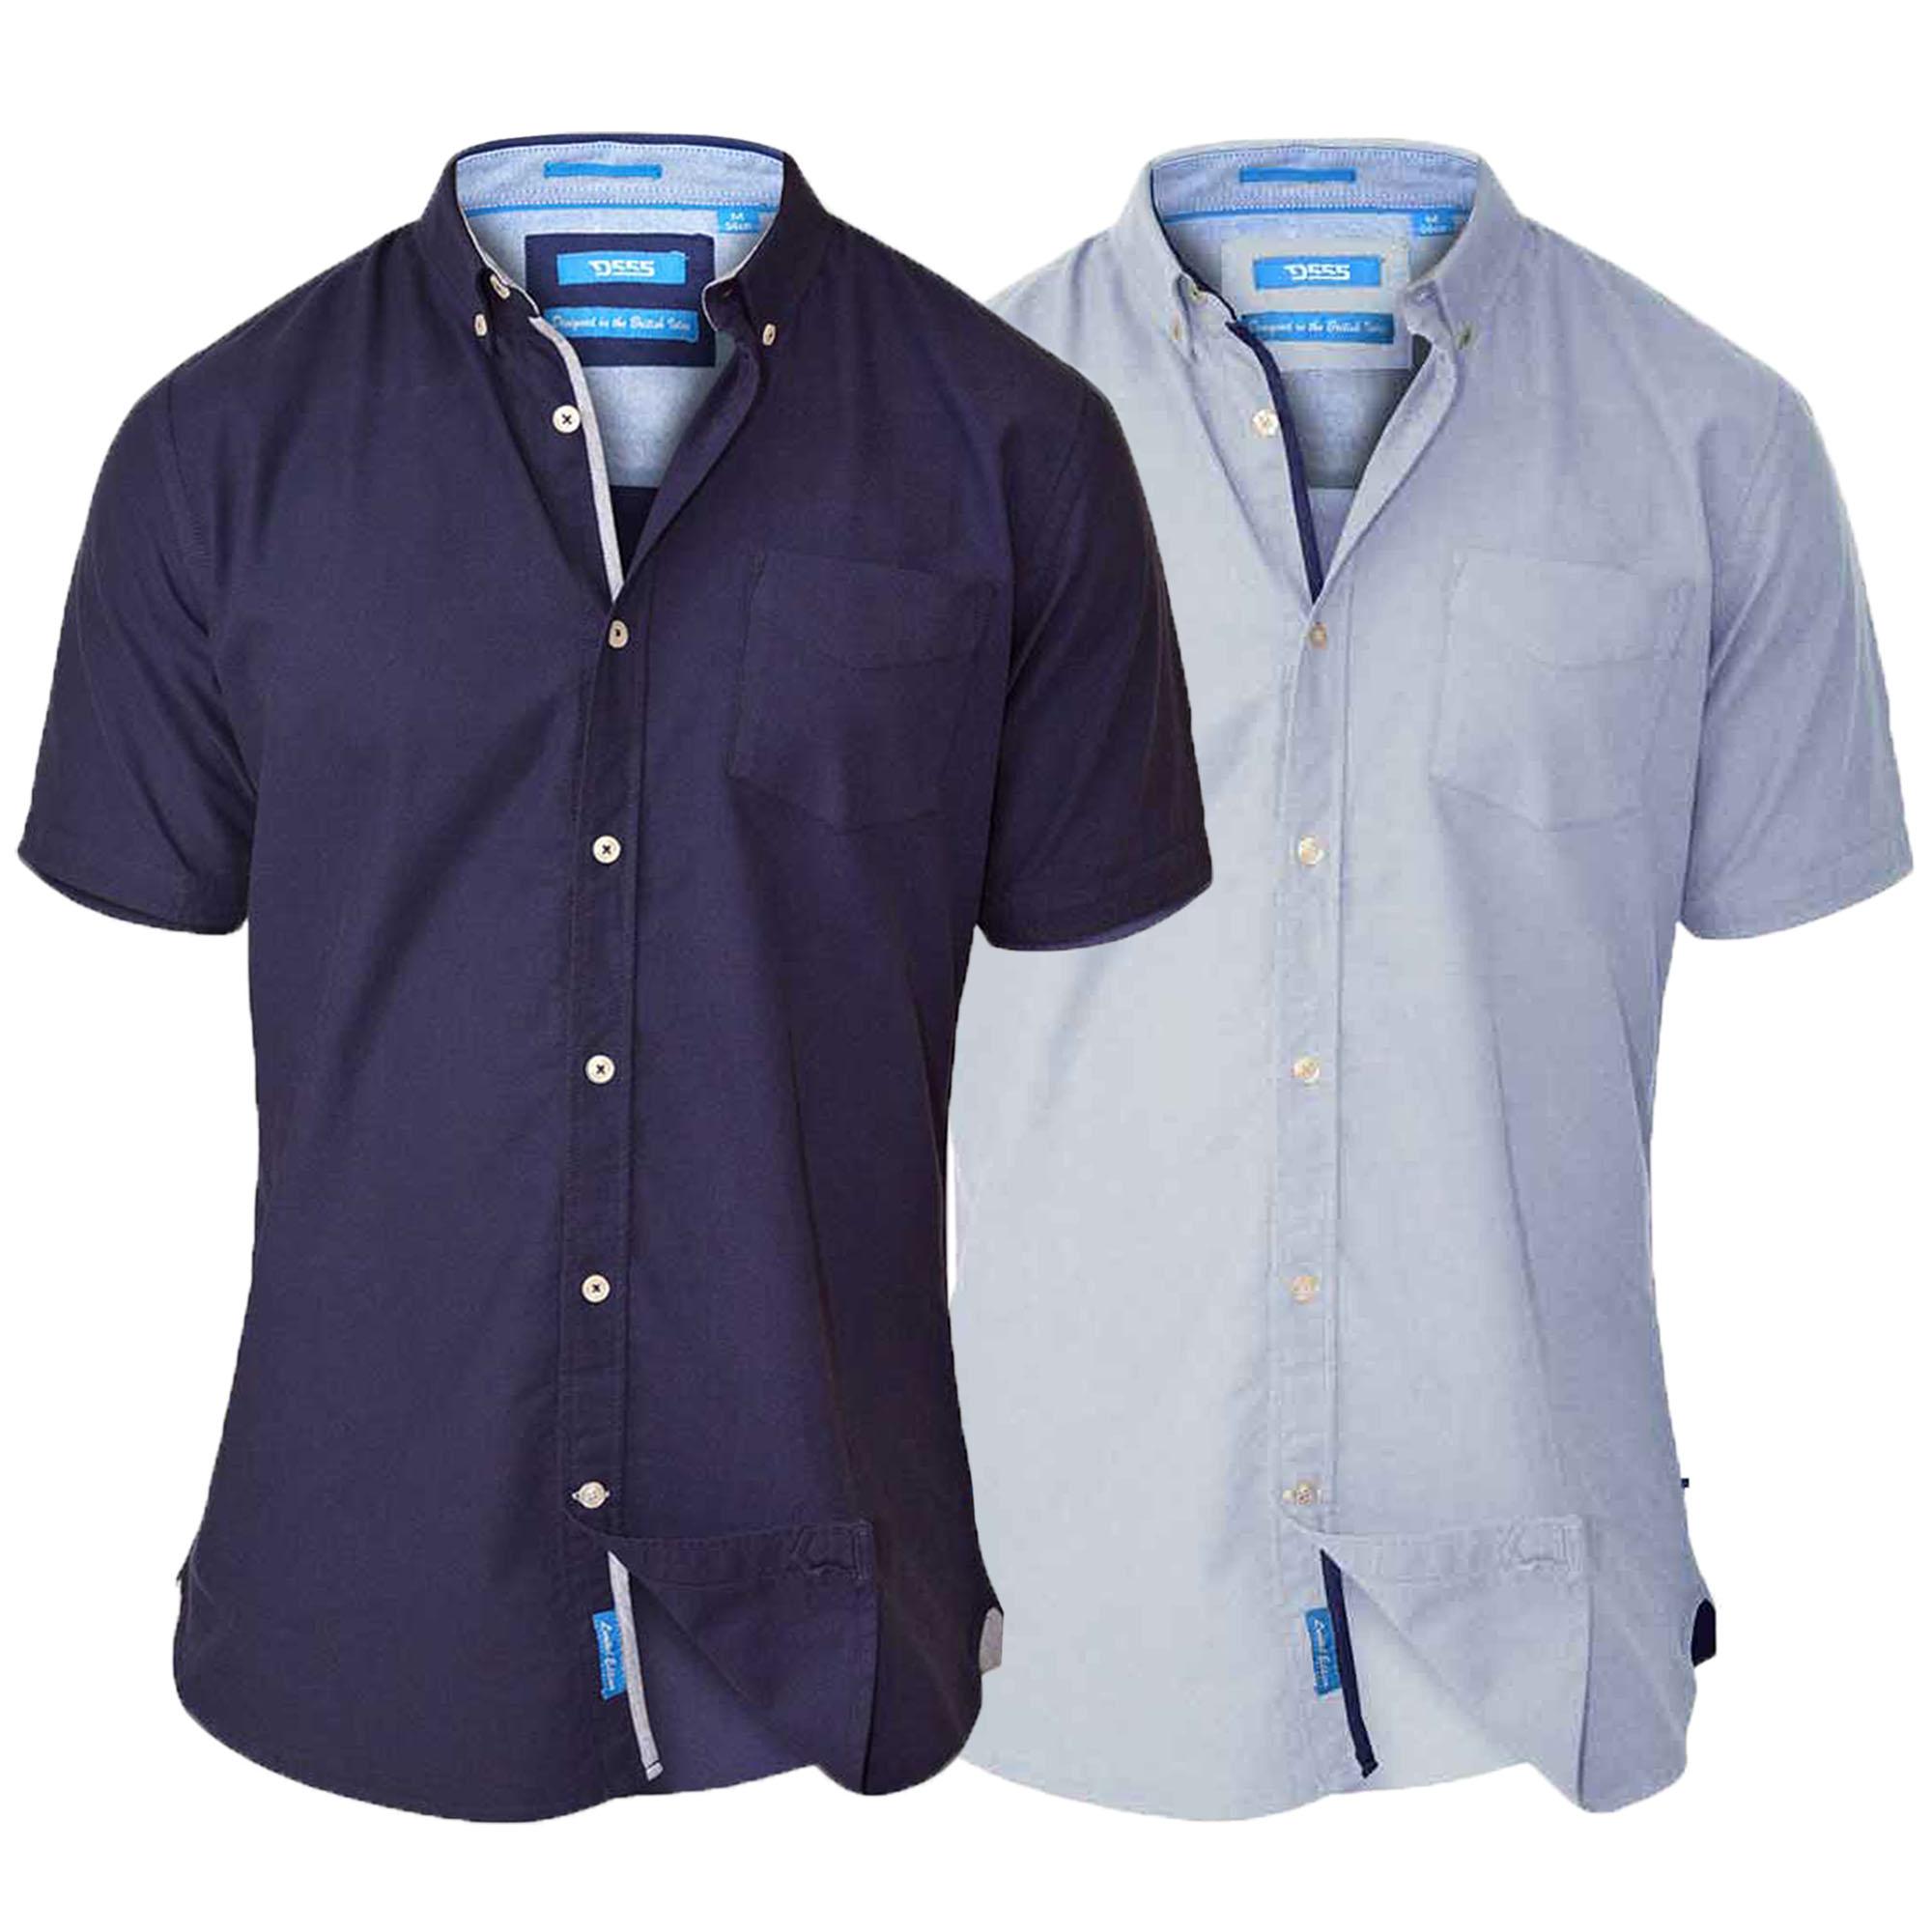 Mens-Cotton-Chambray-Shirt-D555-Duke-Short-Sleeved-Big-King-Size-Casual-Summer thumbnail 3